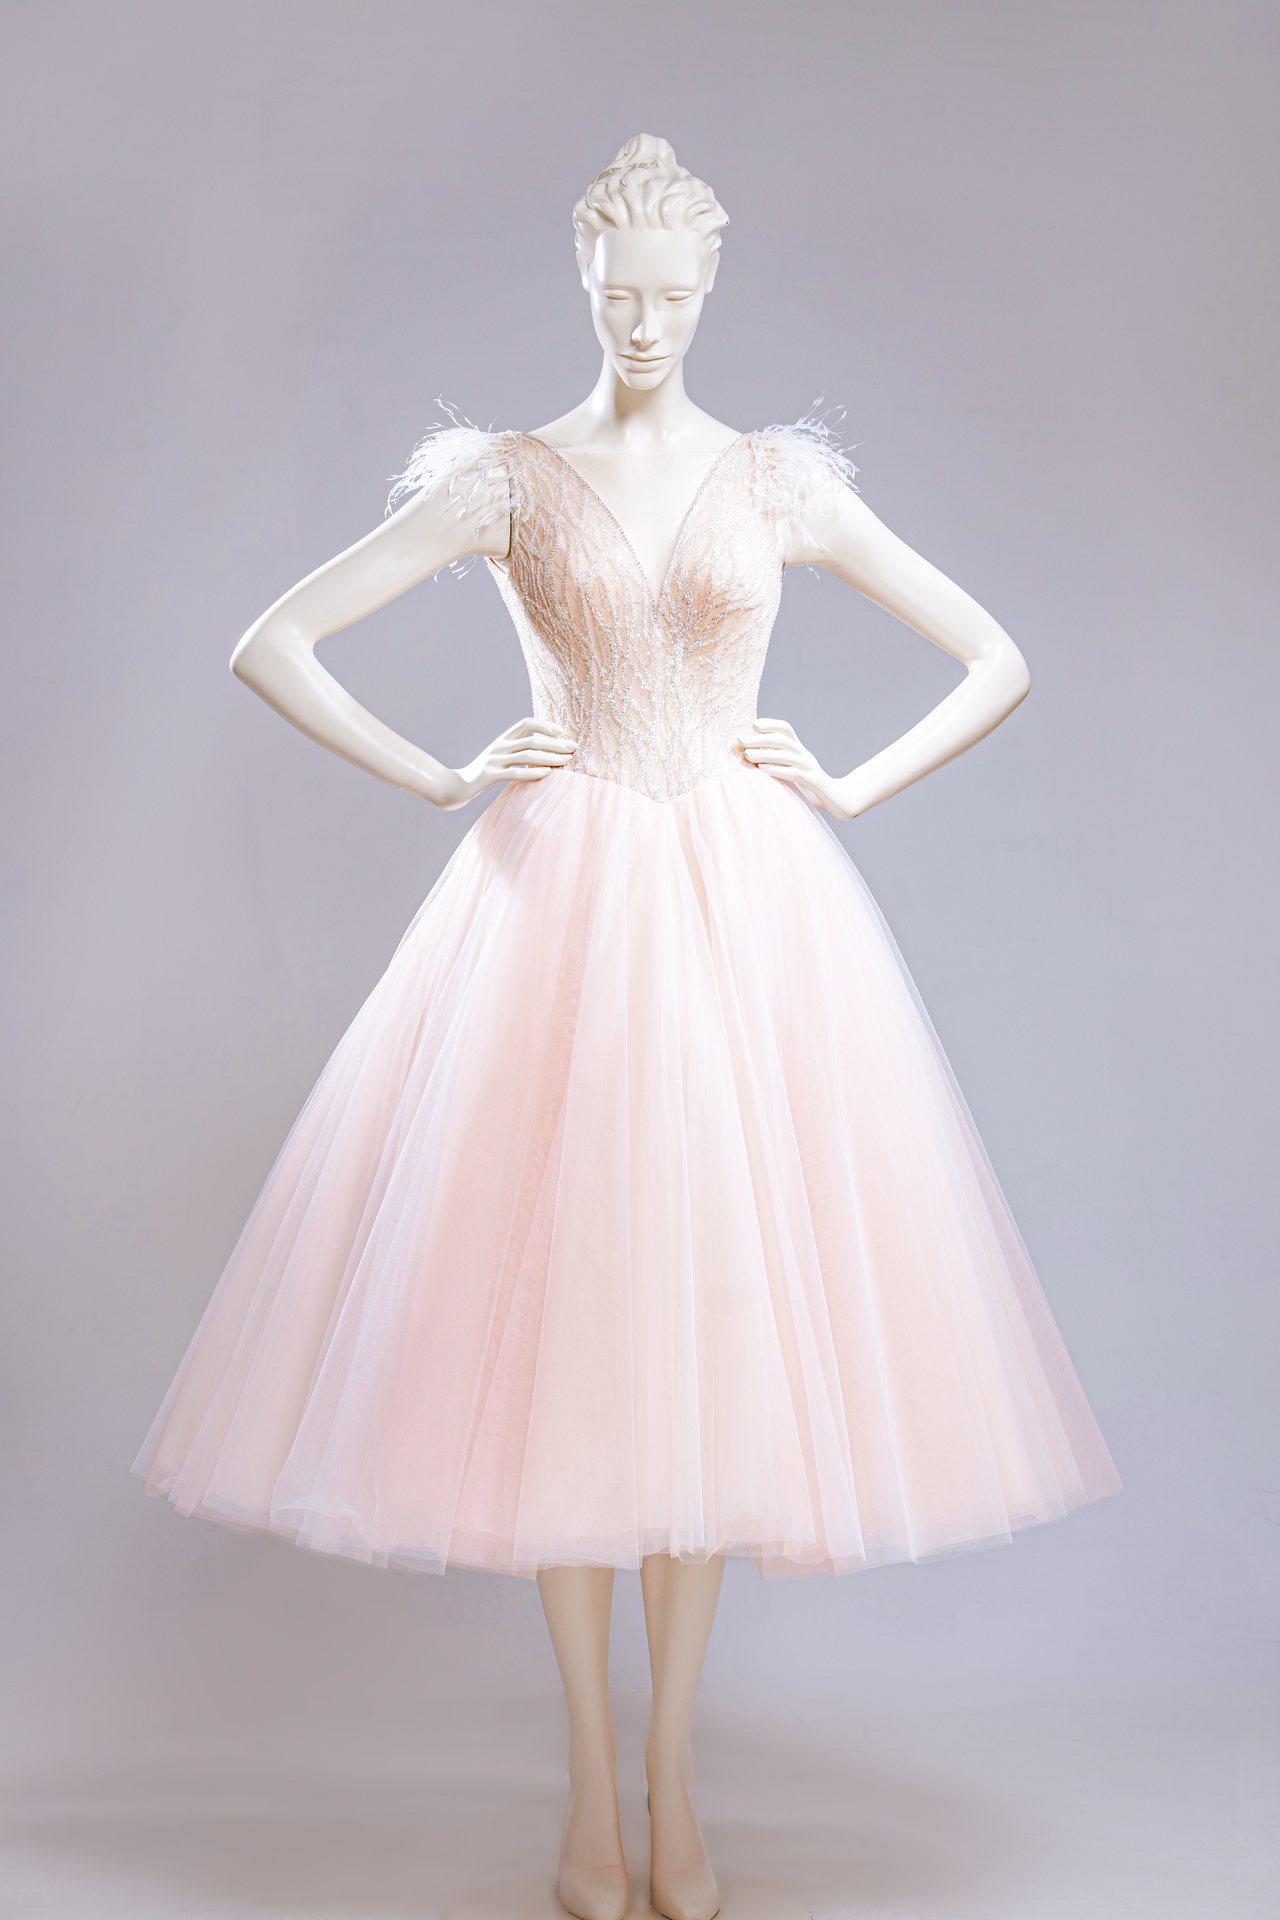 台灣婚紗品牌蘇菲雅為林志玲訂製晚宴禮服。圖/SophiaRitz提供